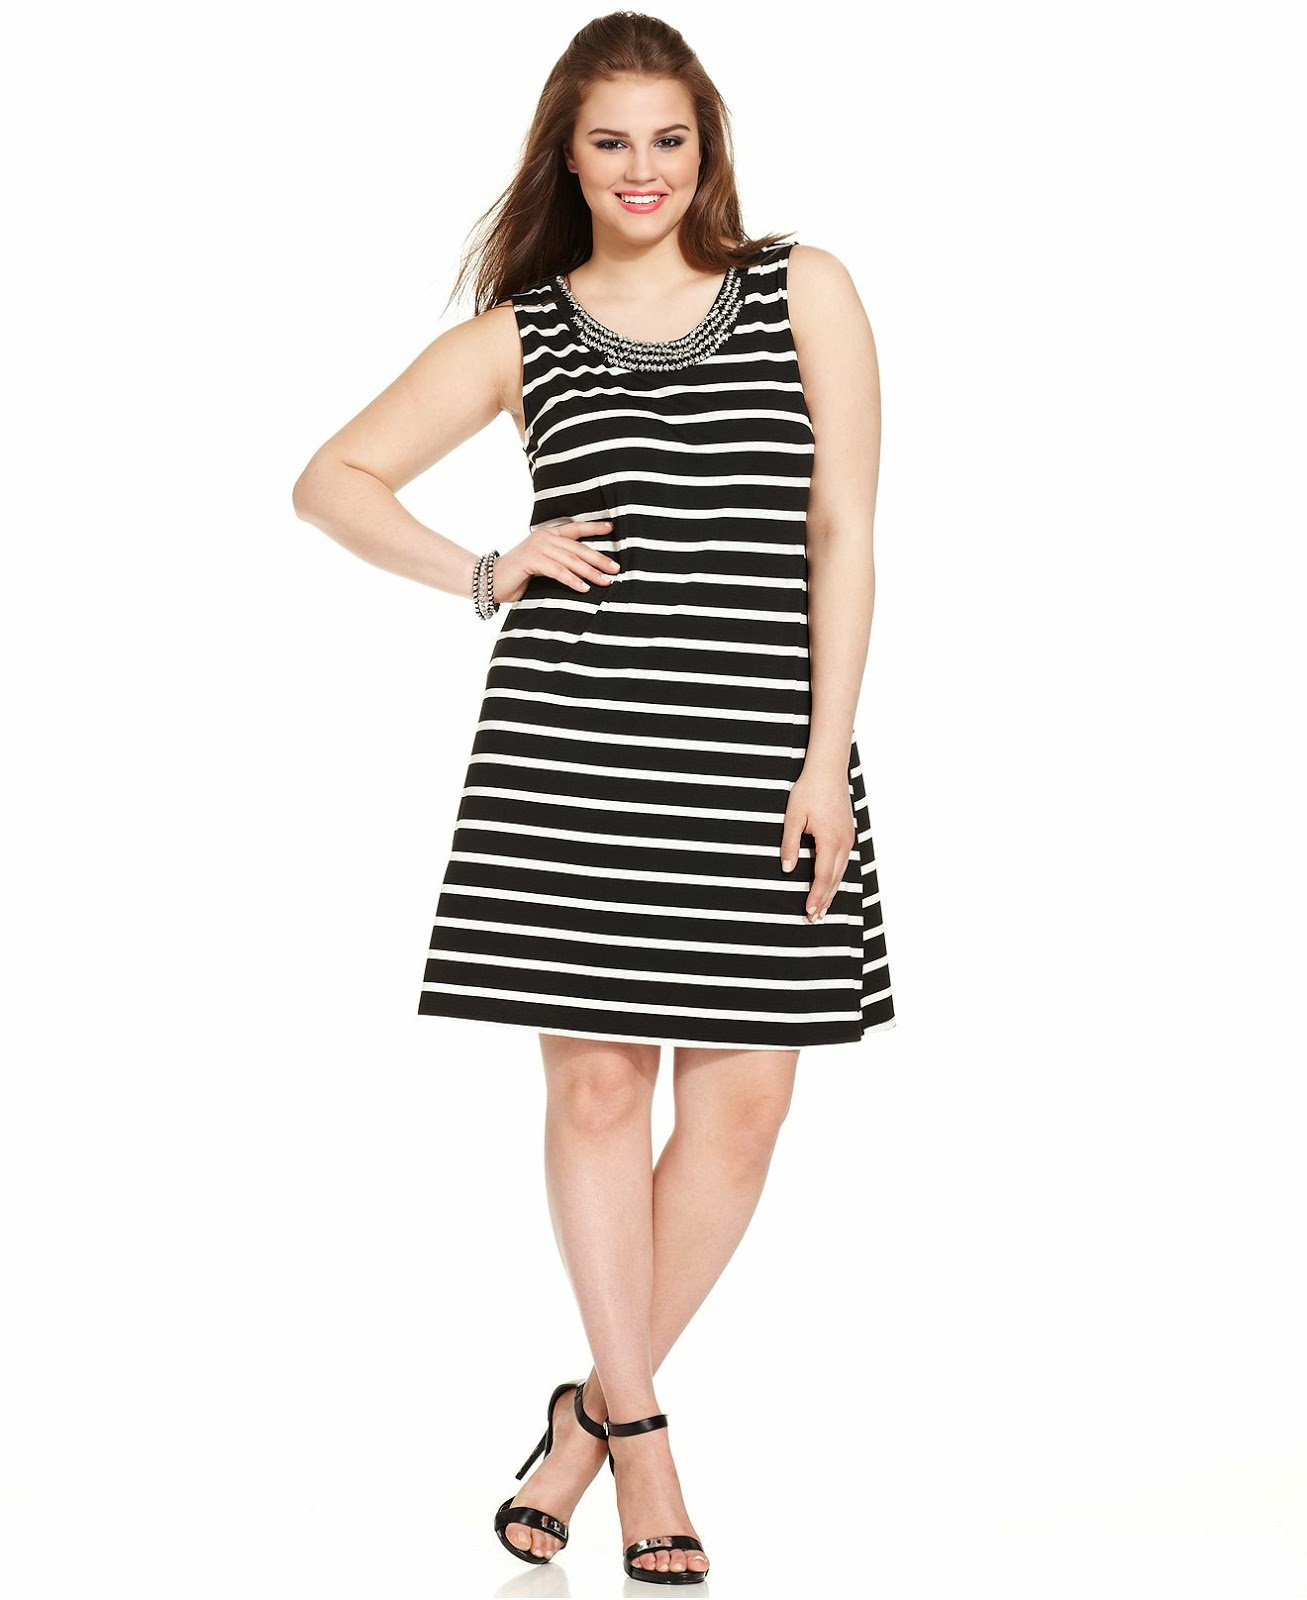 741c19cba Comprar vestidos para gorditas por internet – Vestidos largos